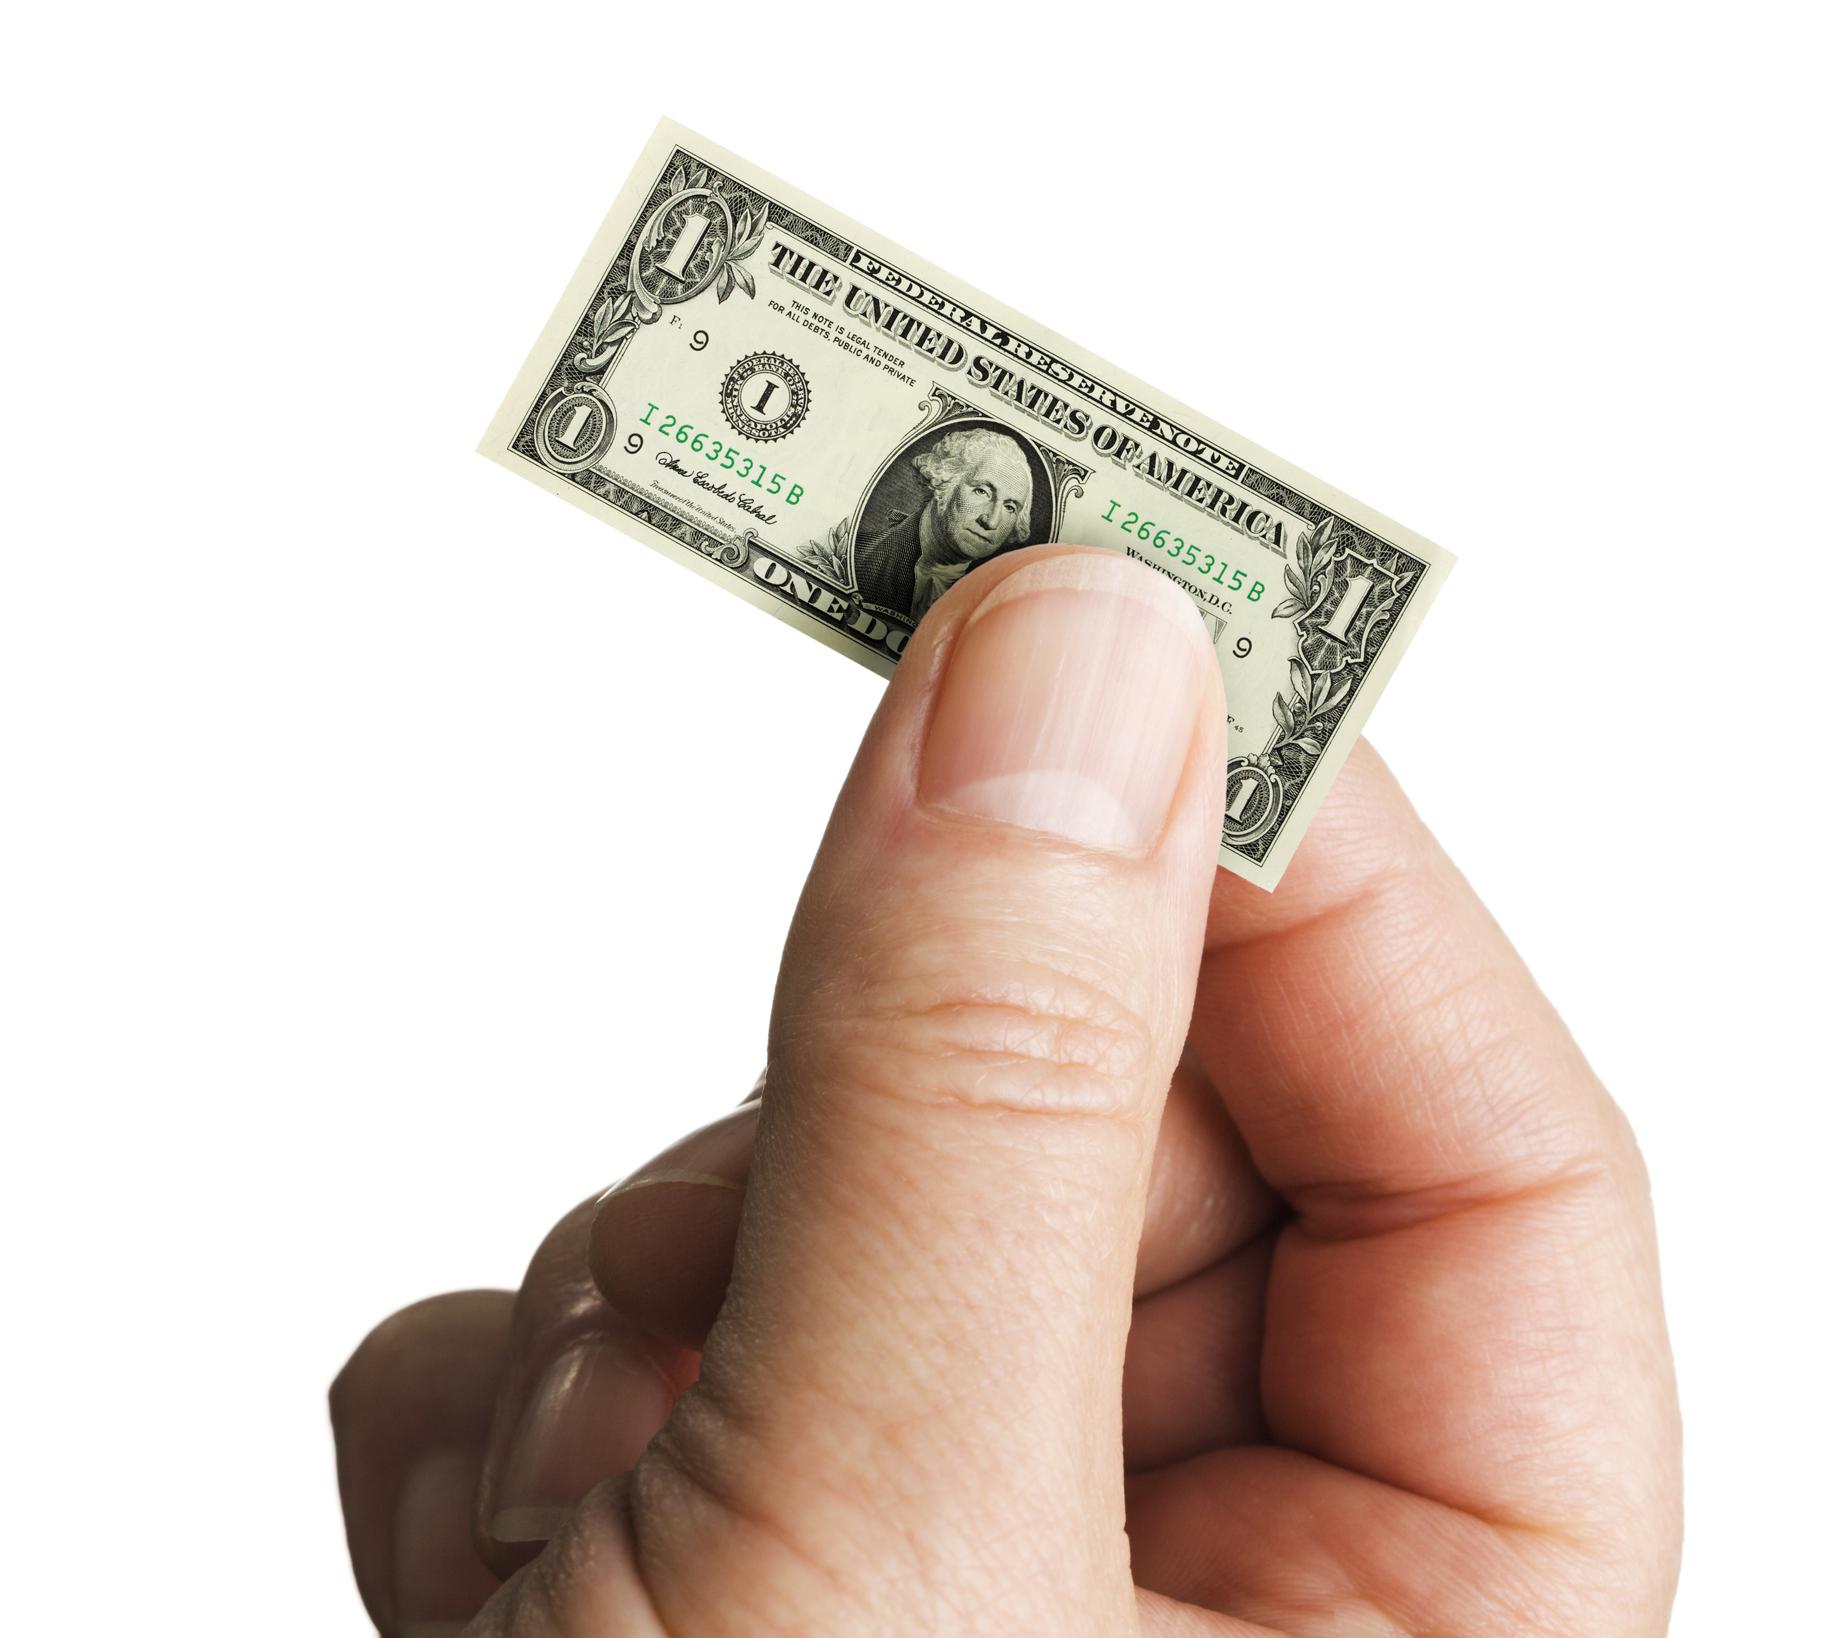 Tiny shrunken dollar held in fingers